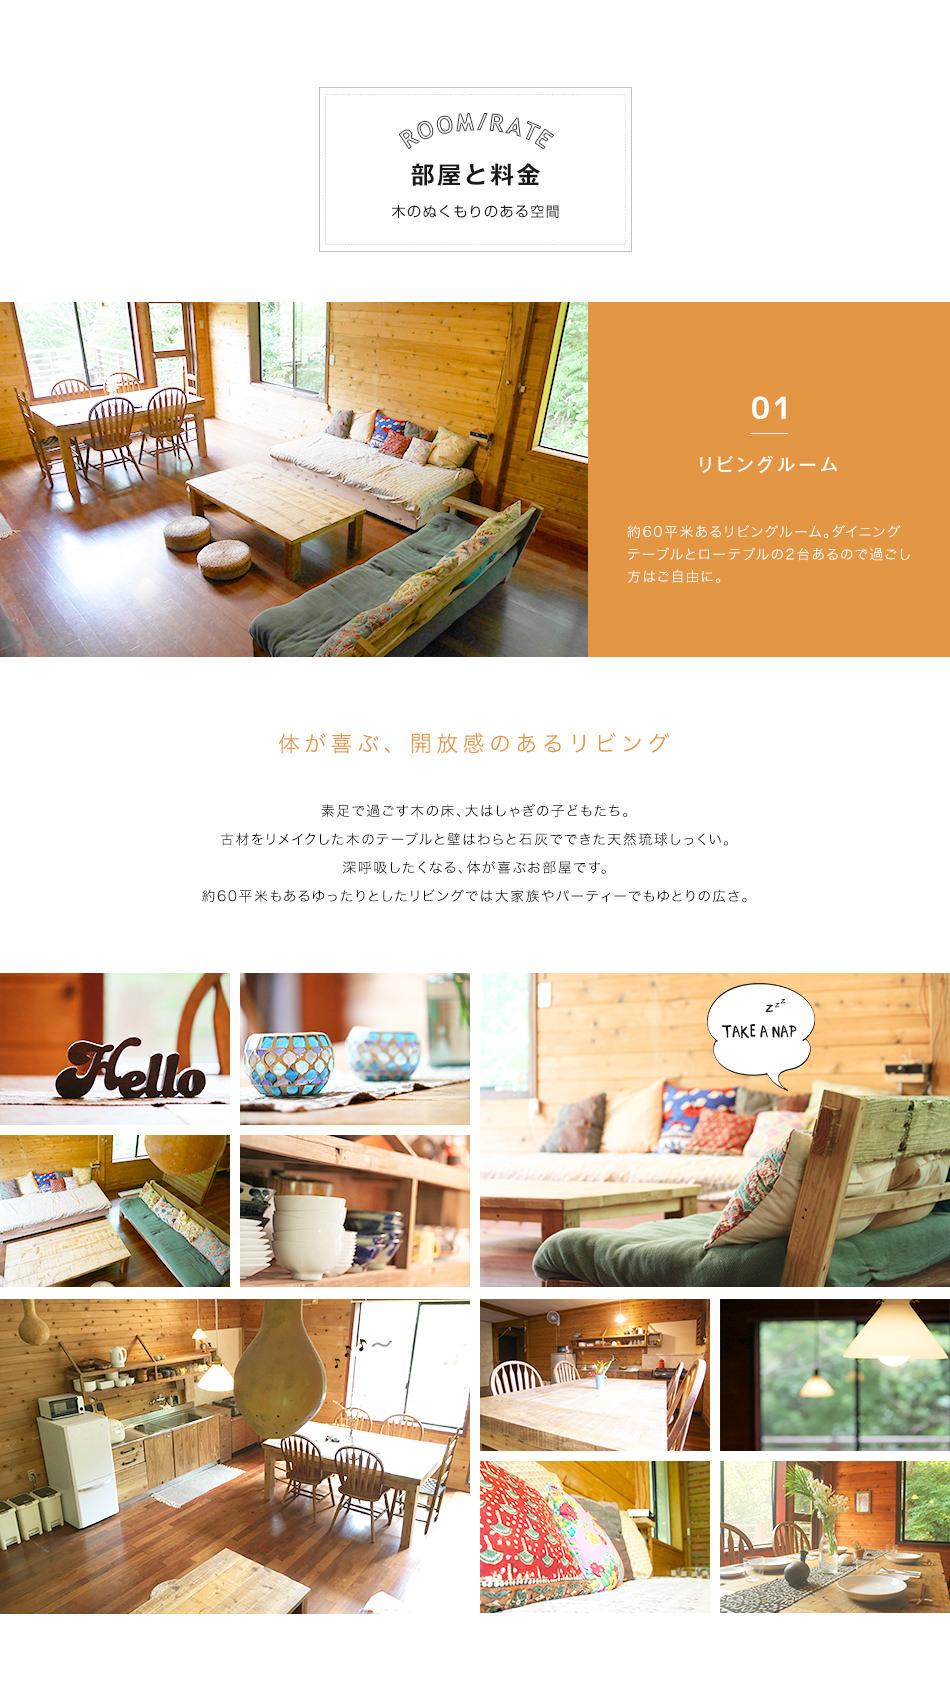 部屋と料金[01]リビングルーム